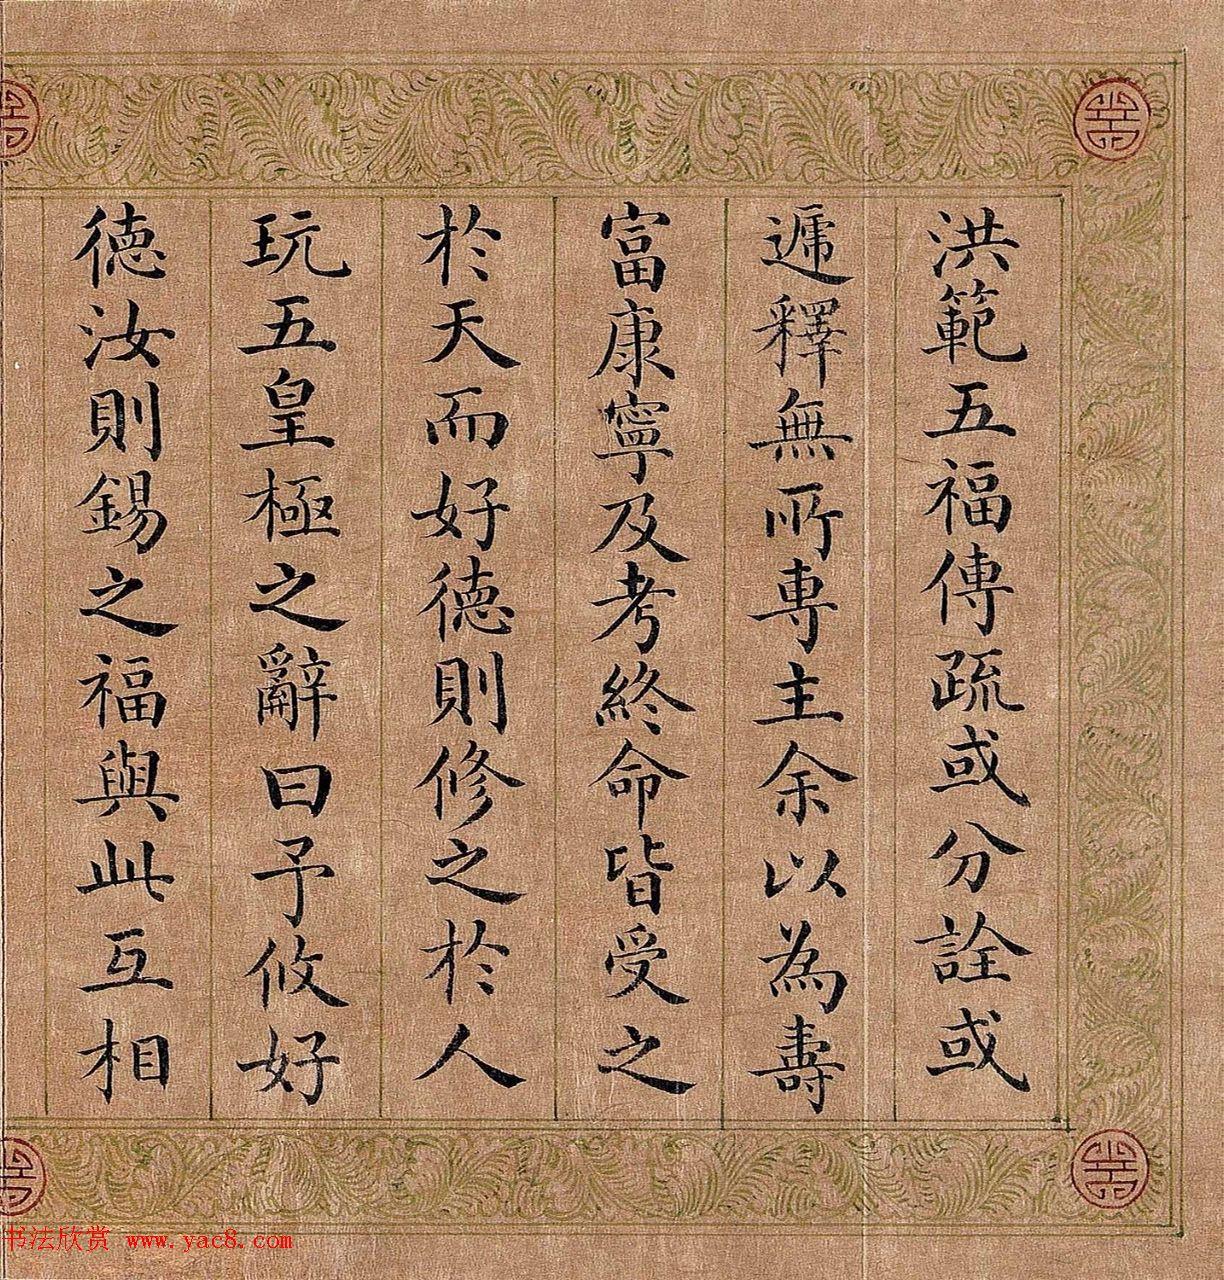 嘉庆皇帝楷书《御制五福颂有序》